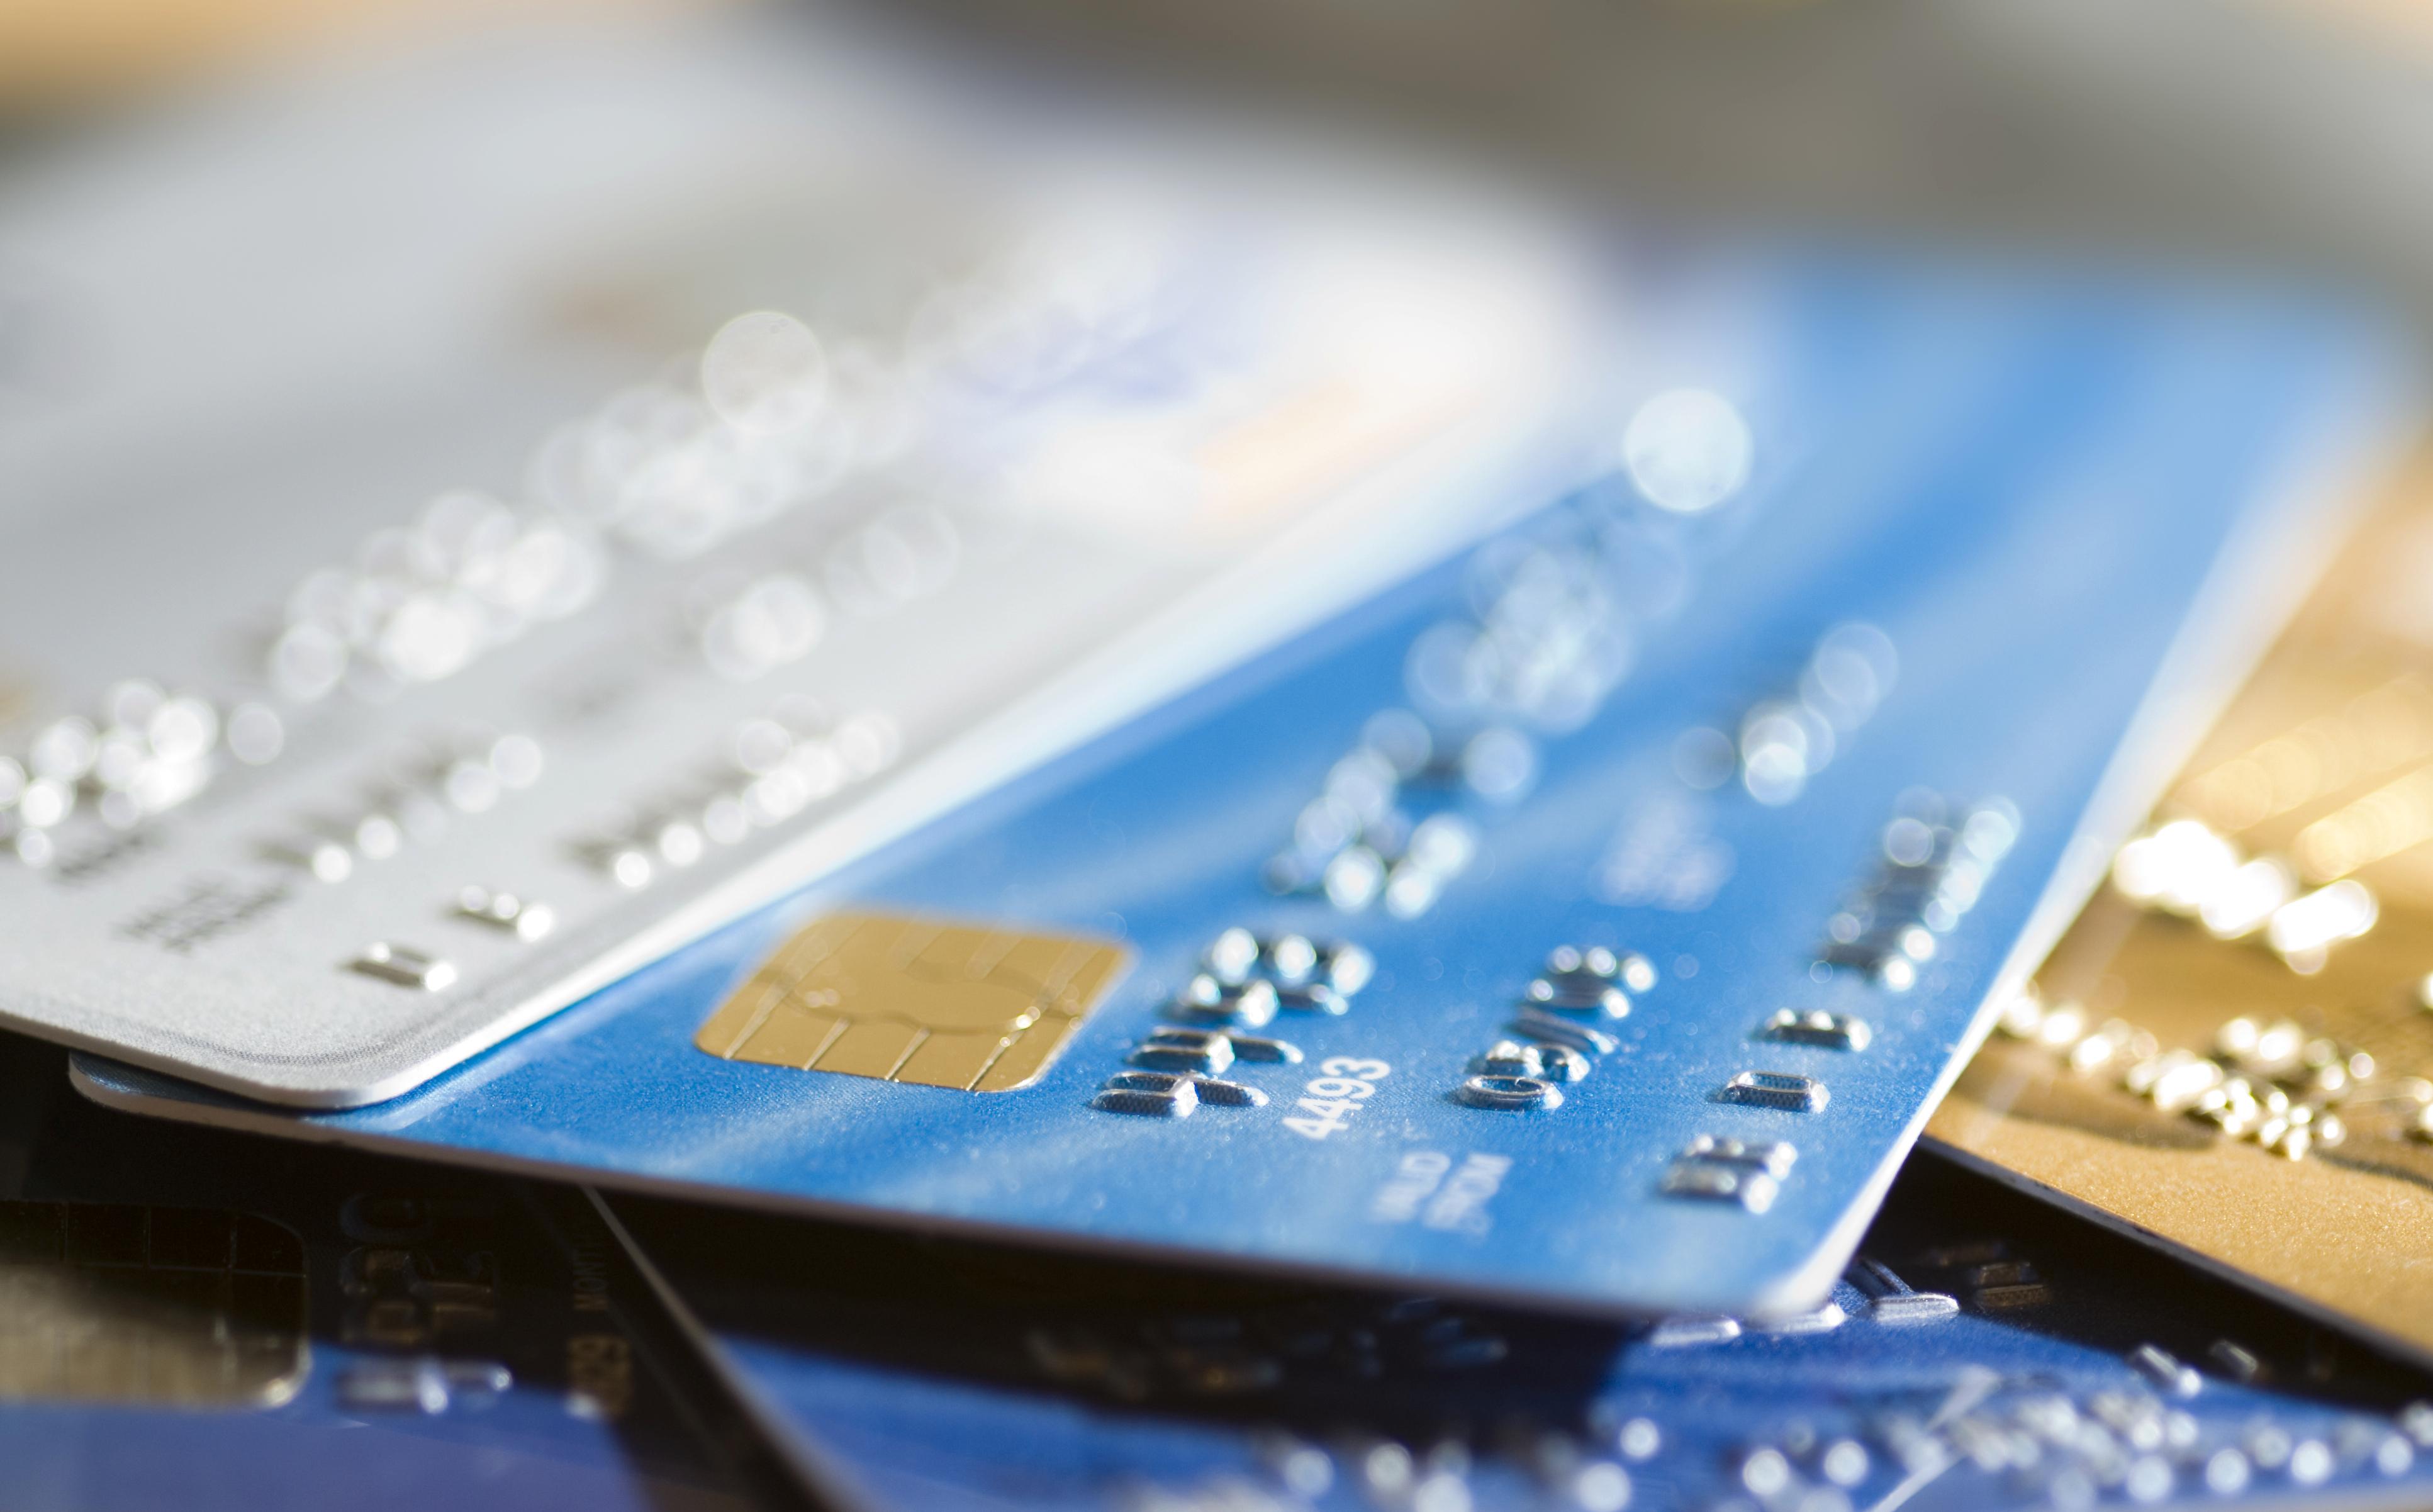 How to Choose a Cash-Back Credit Card - NerdWallet